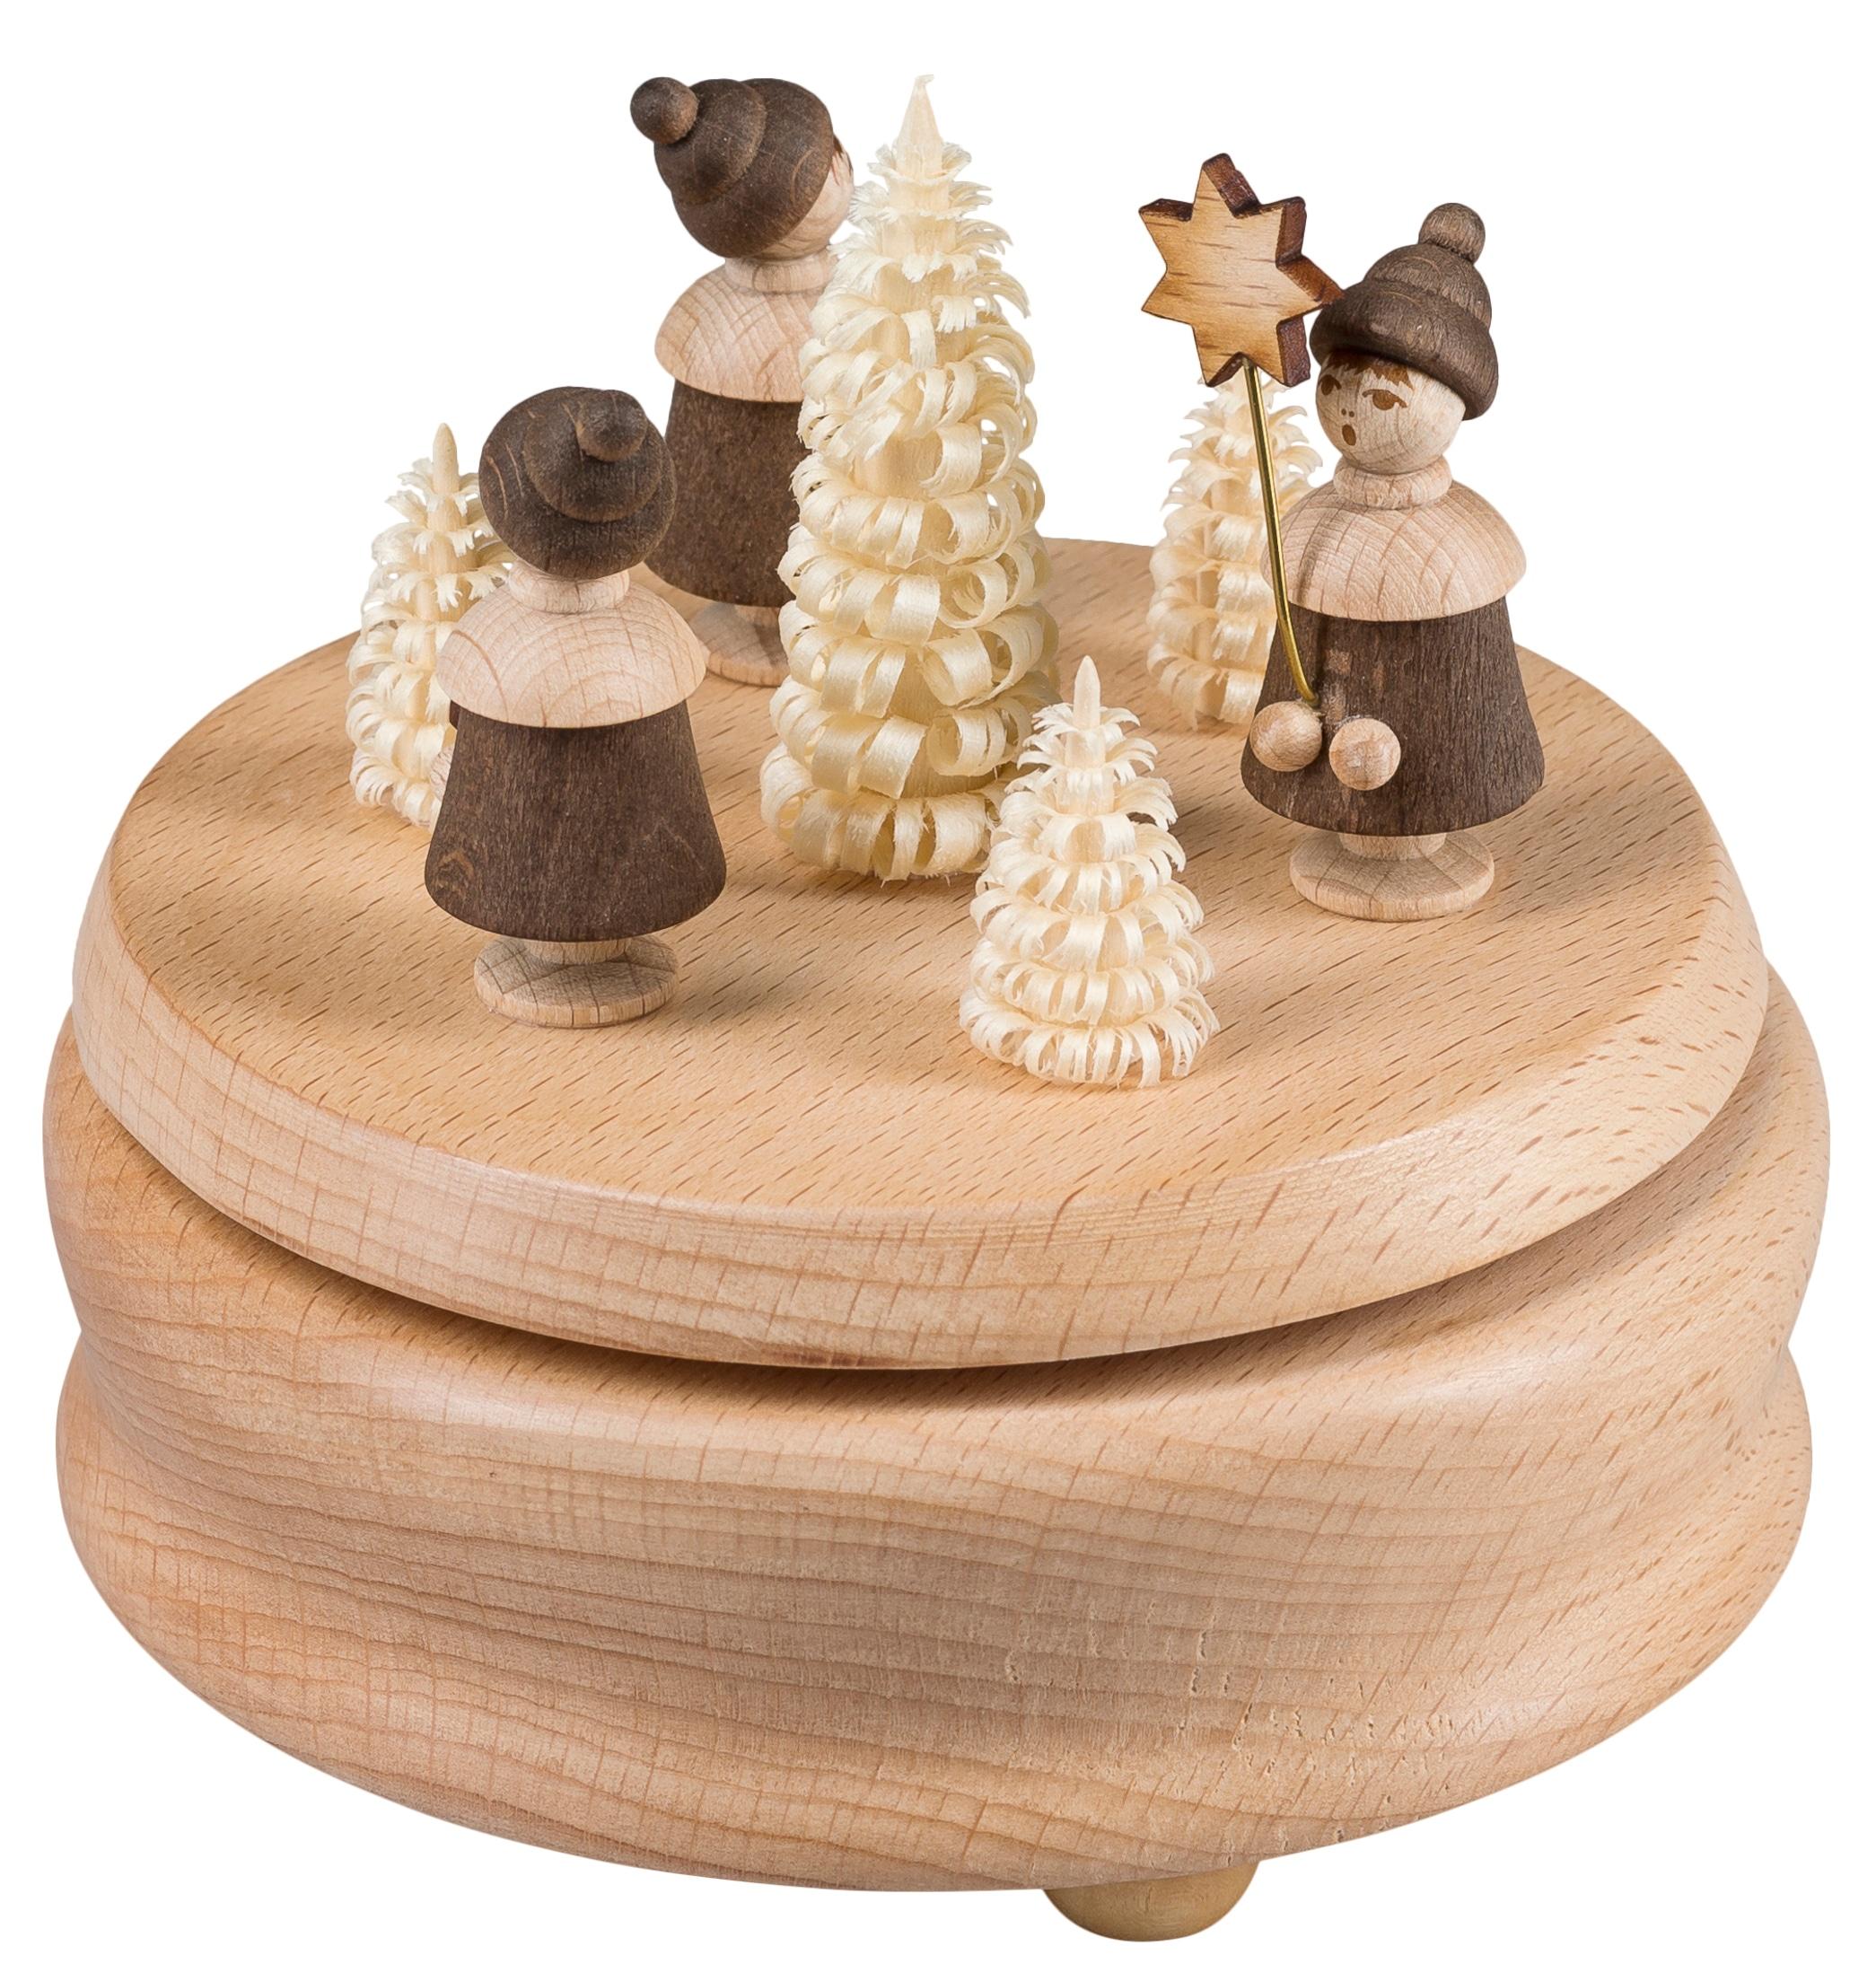 SAICO Original Spieluhr, Kurrende beige Baby Spieluhren Kleinkind Spieluhr